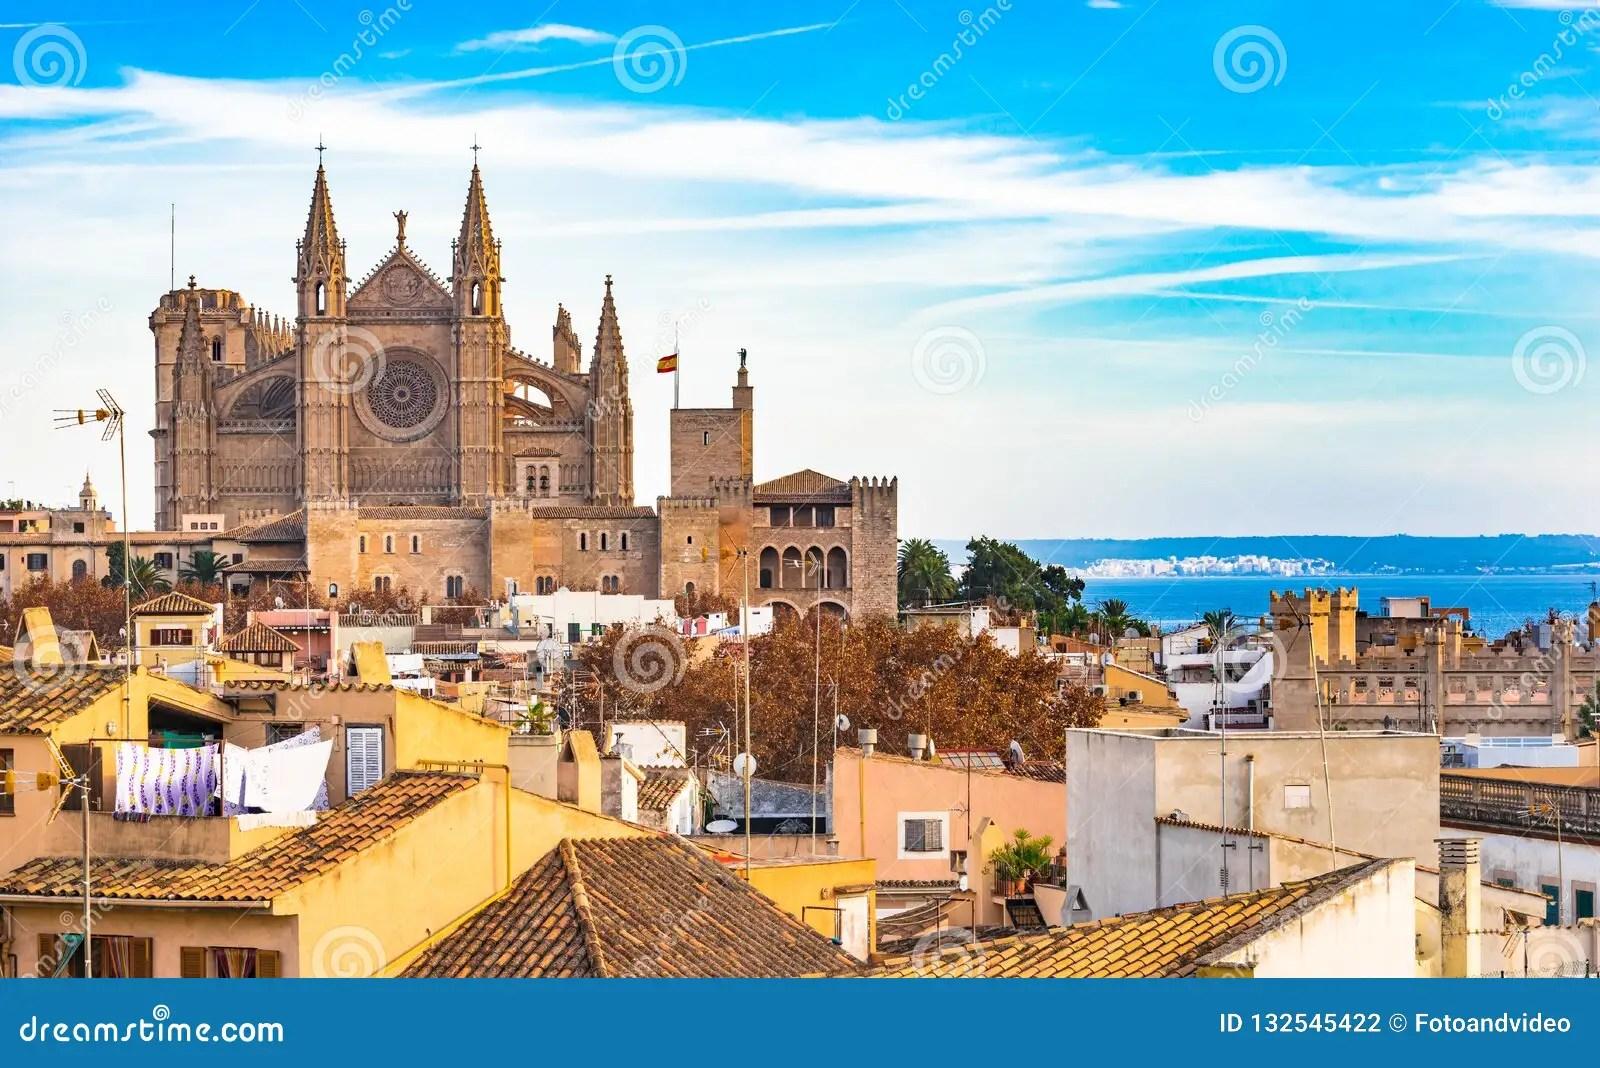 https de dreamstime com spanien alte stadt von palma de majorca mit ansicht der kathedrale image132545422